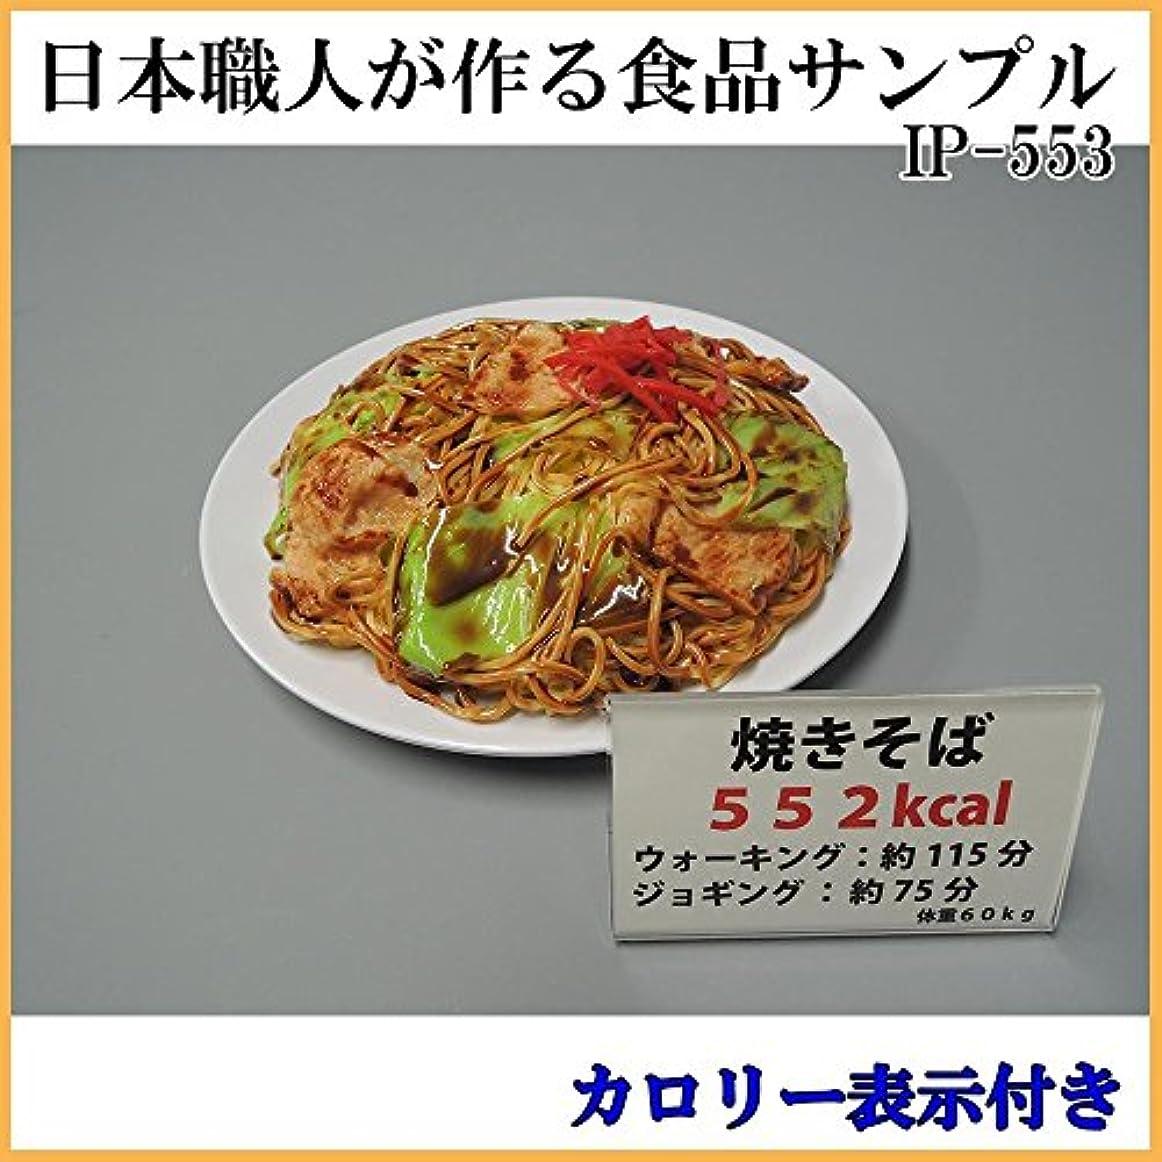 荒れ地直立パス日本職人が作る 食品サンプル カロリー表示付き 焼きそば IP-553